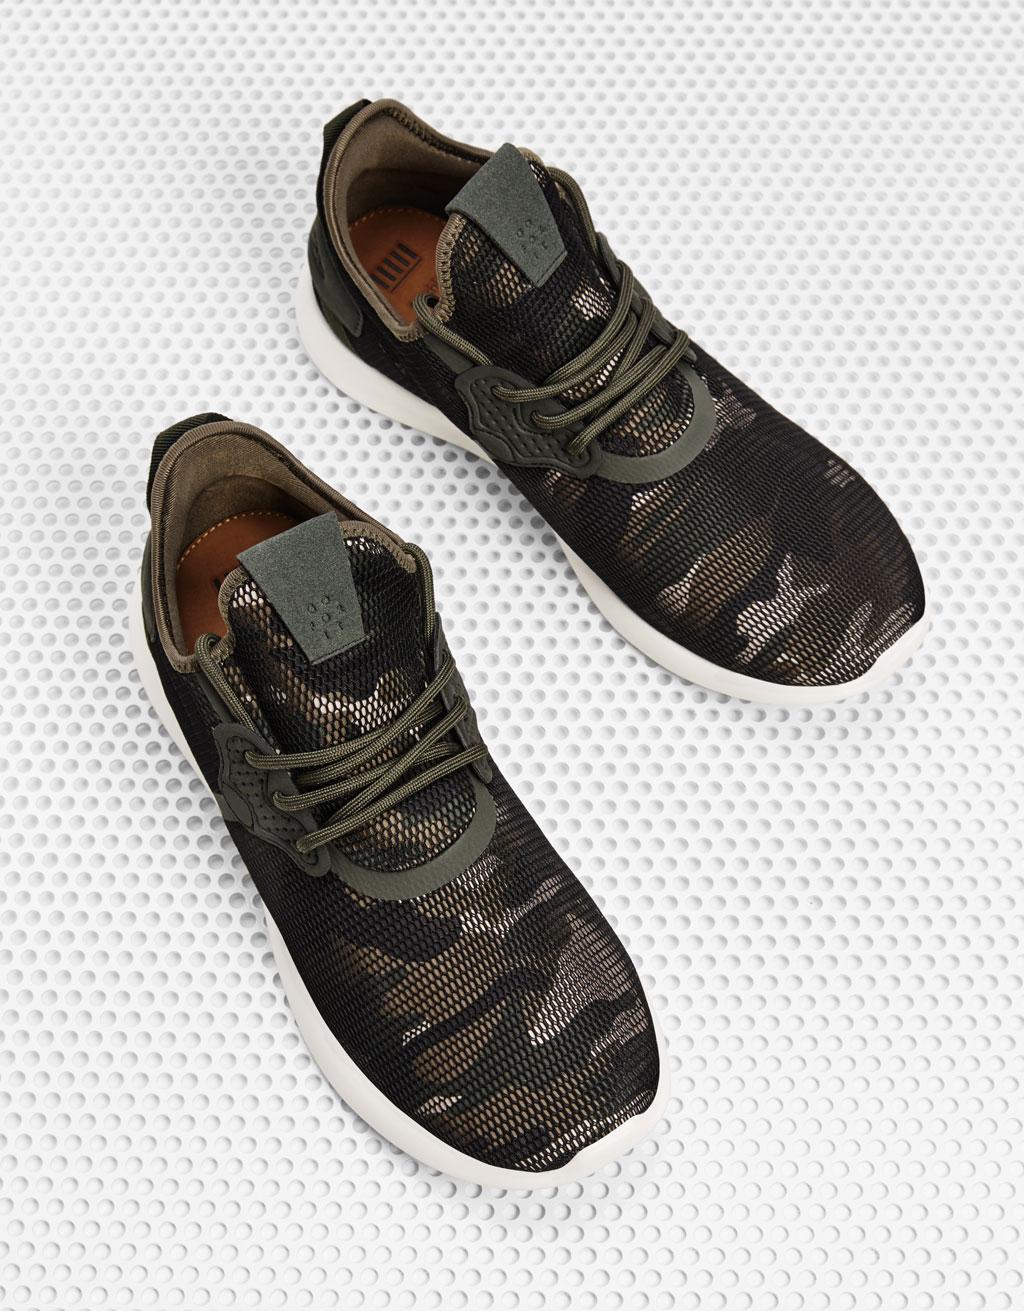 Men's camouflage mesh sneakers